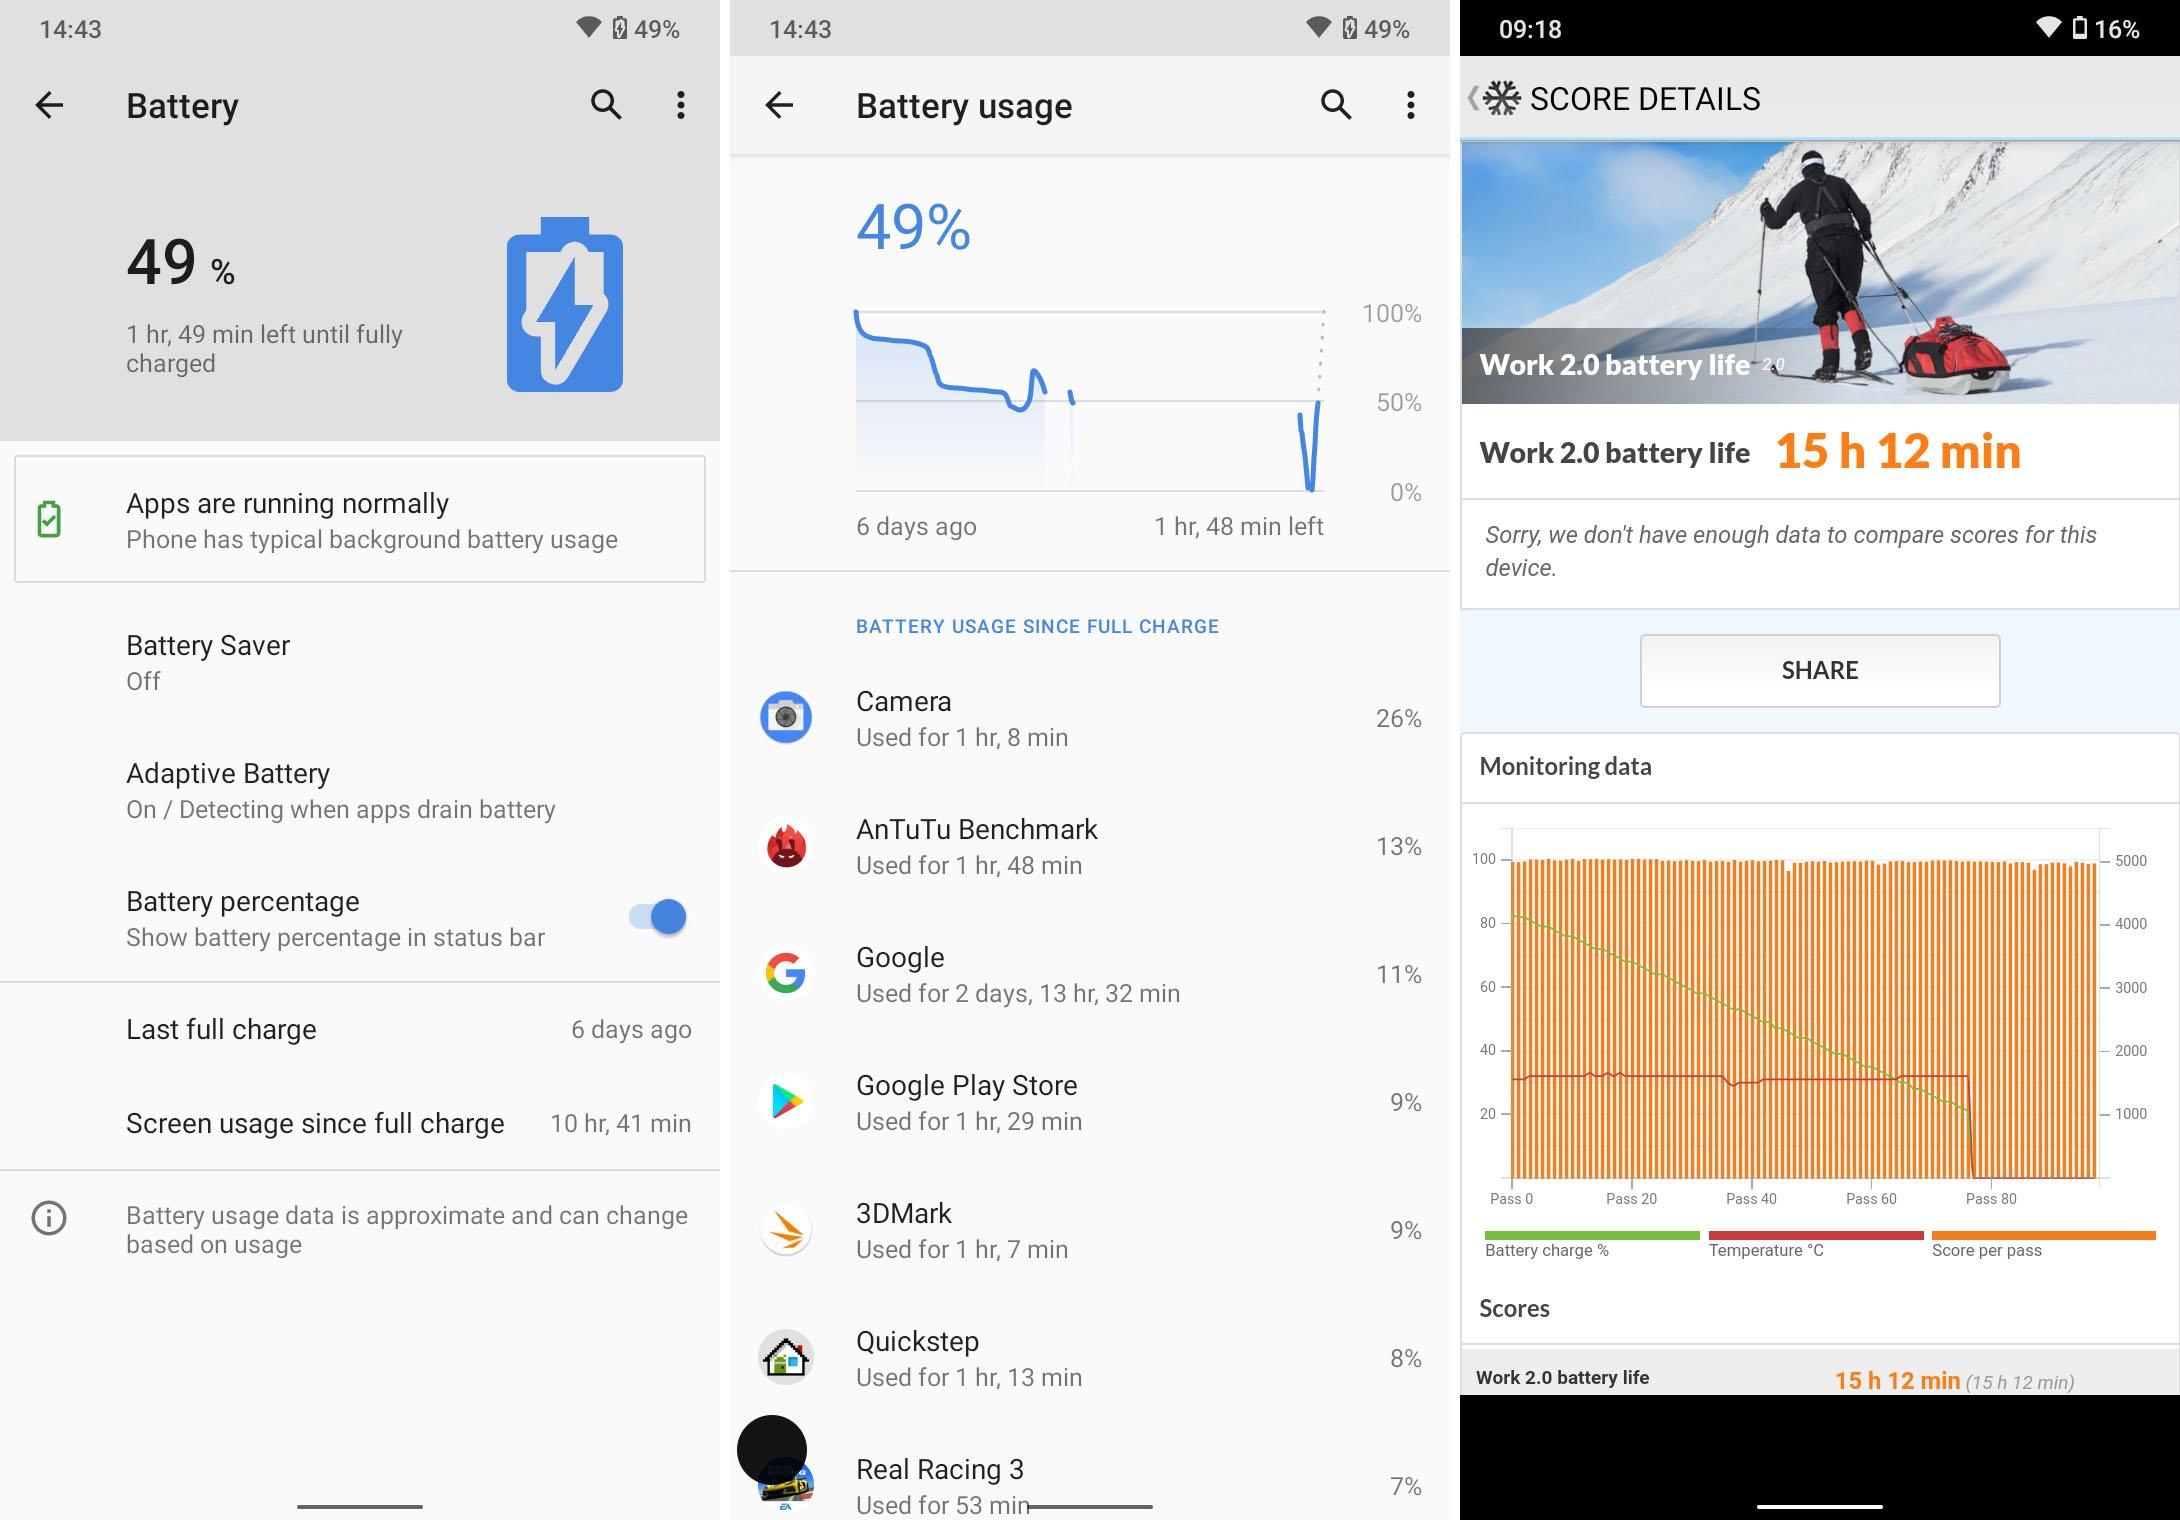 Nokia 2.3 Battery بررسی دیجیاتو: گوشی نوکیا ۲.۳ ؛ خوش قیمت اما با قلبی کوچک اخبار IT